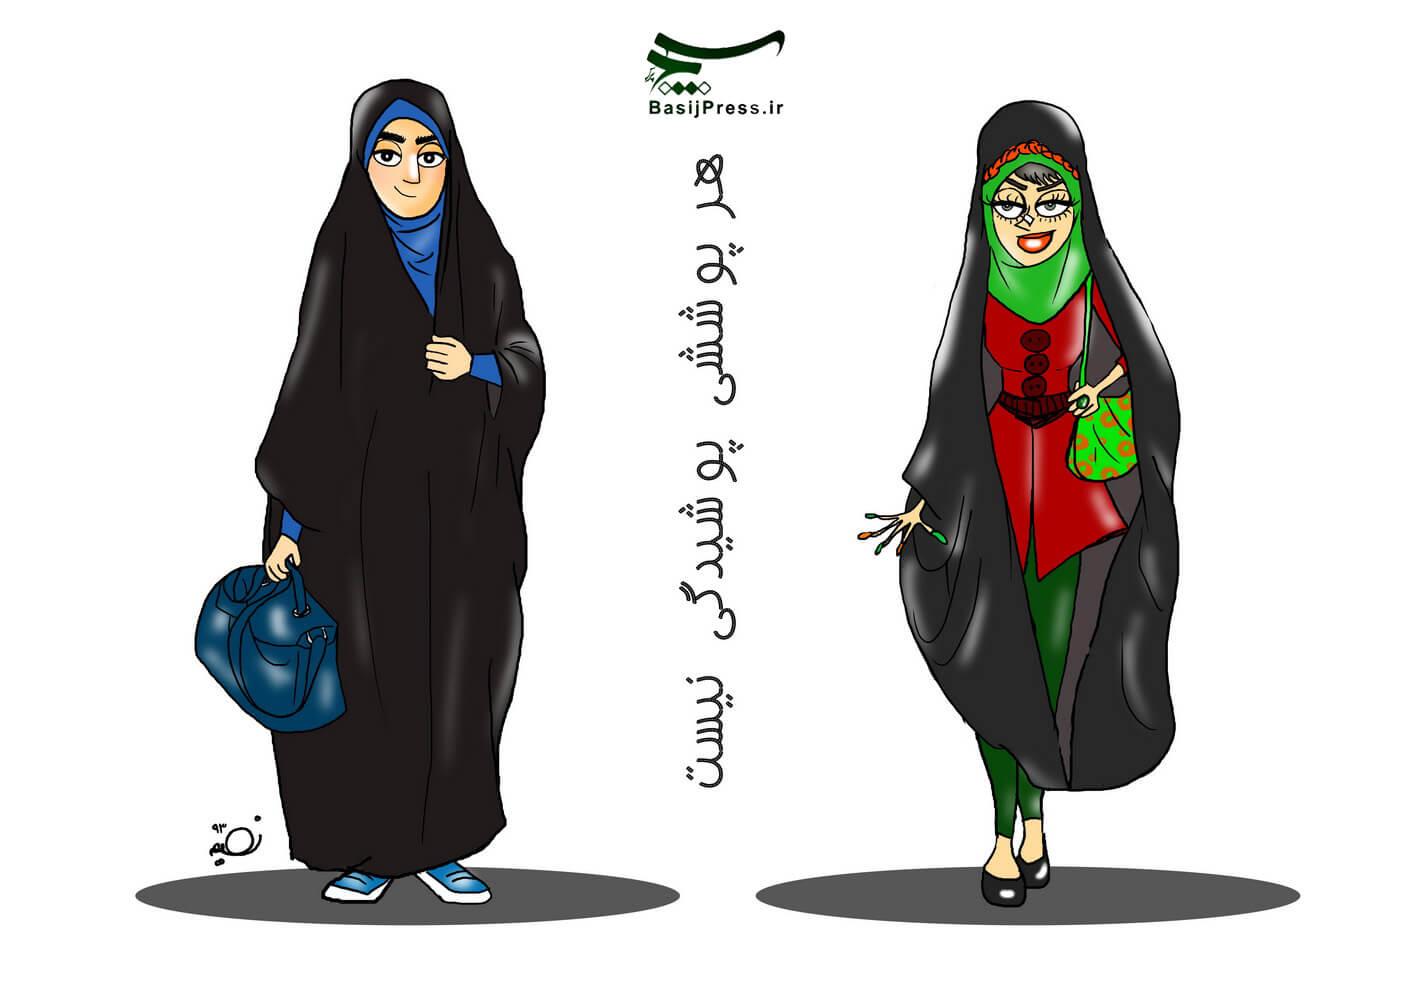 استیکر های فارسی تلگرام